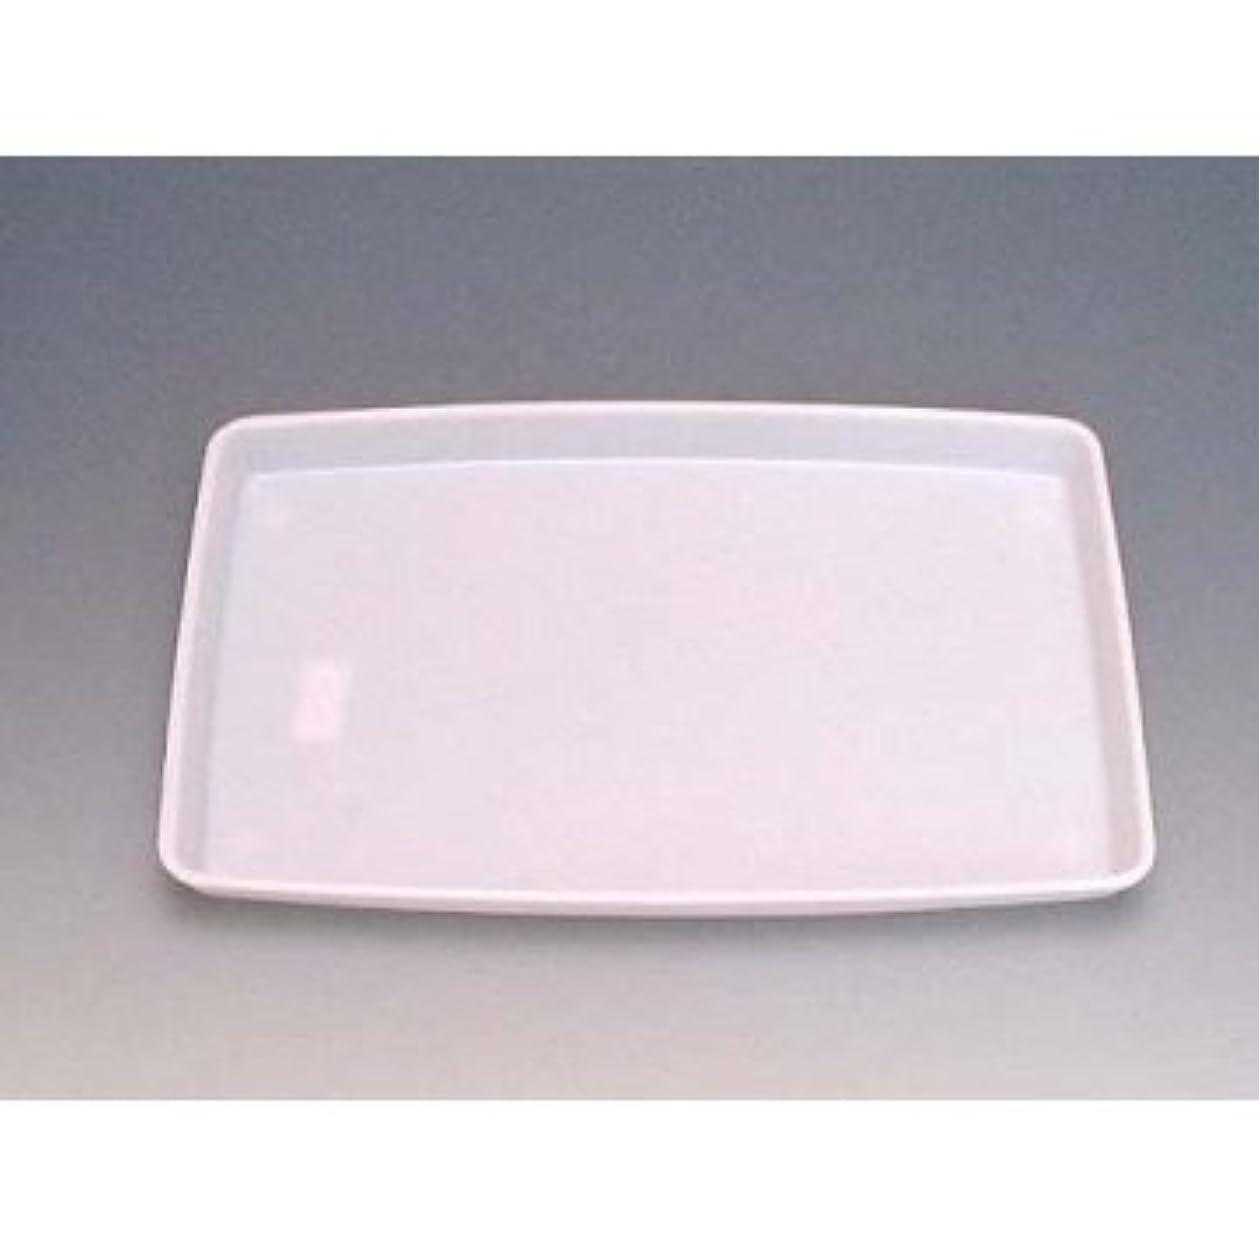 年次認証マッサージ米正 エバーメイト われない台皿 カラーホワイト